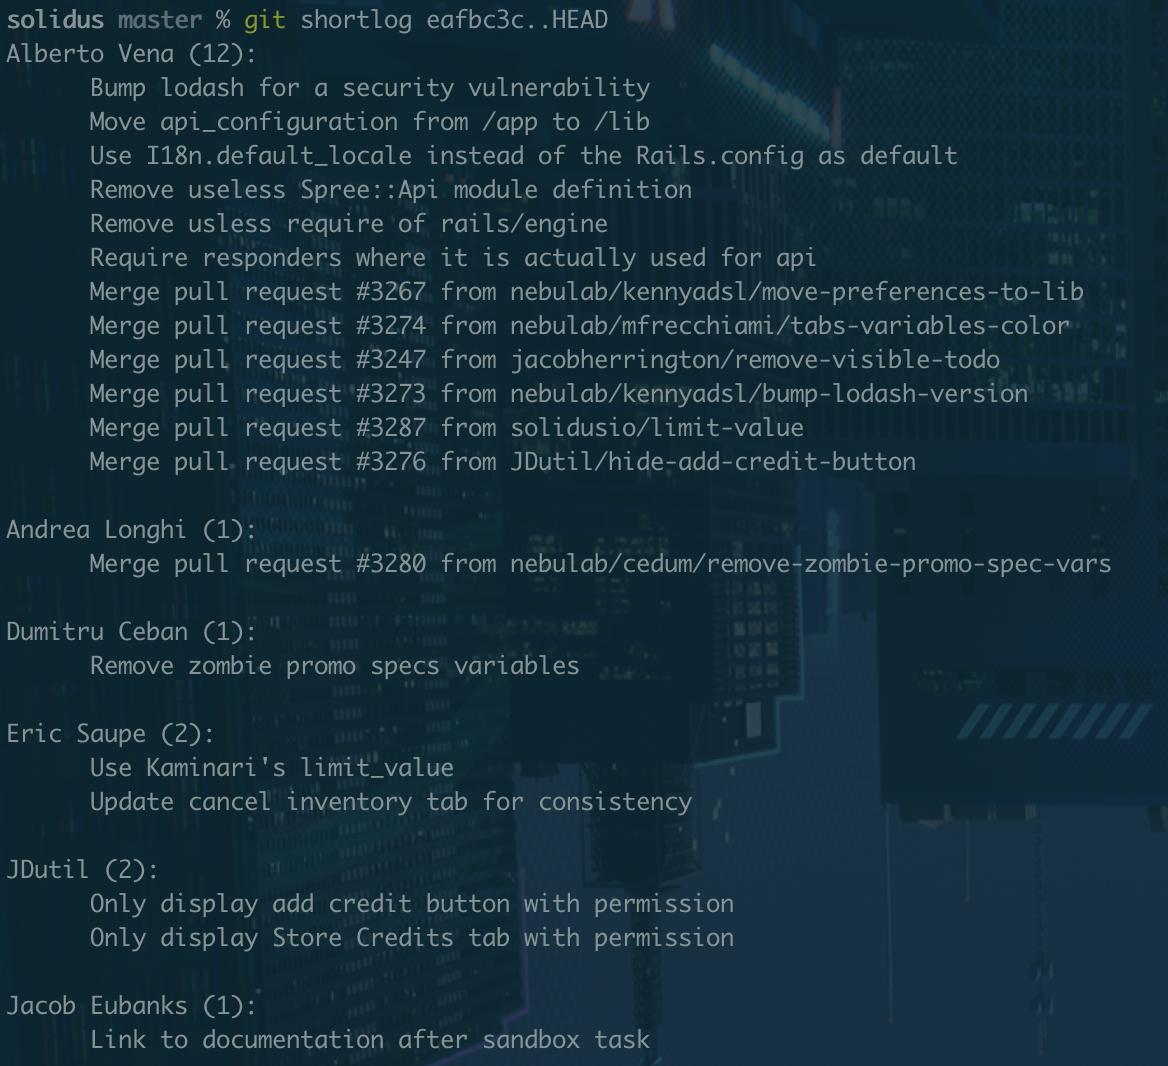 A screenshot of git shortlog's output